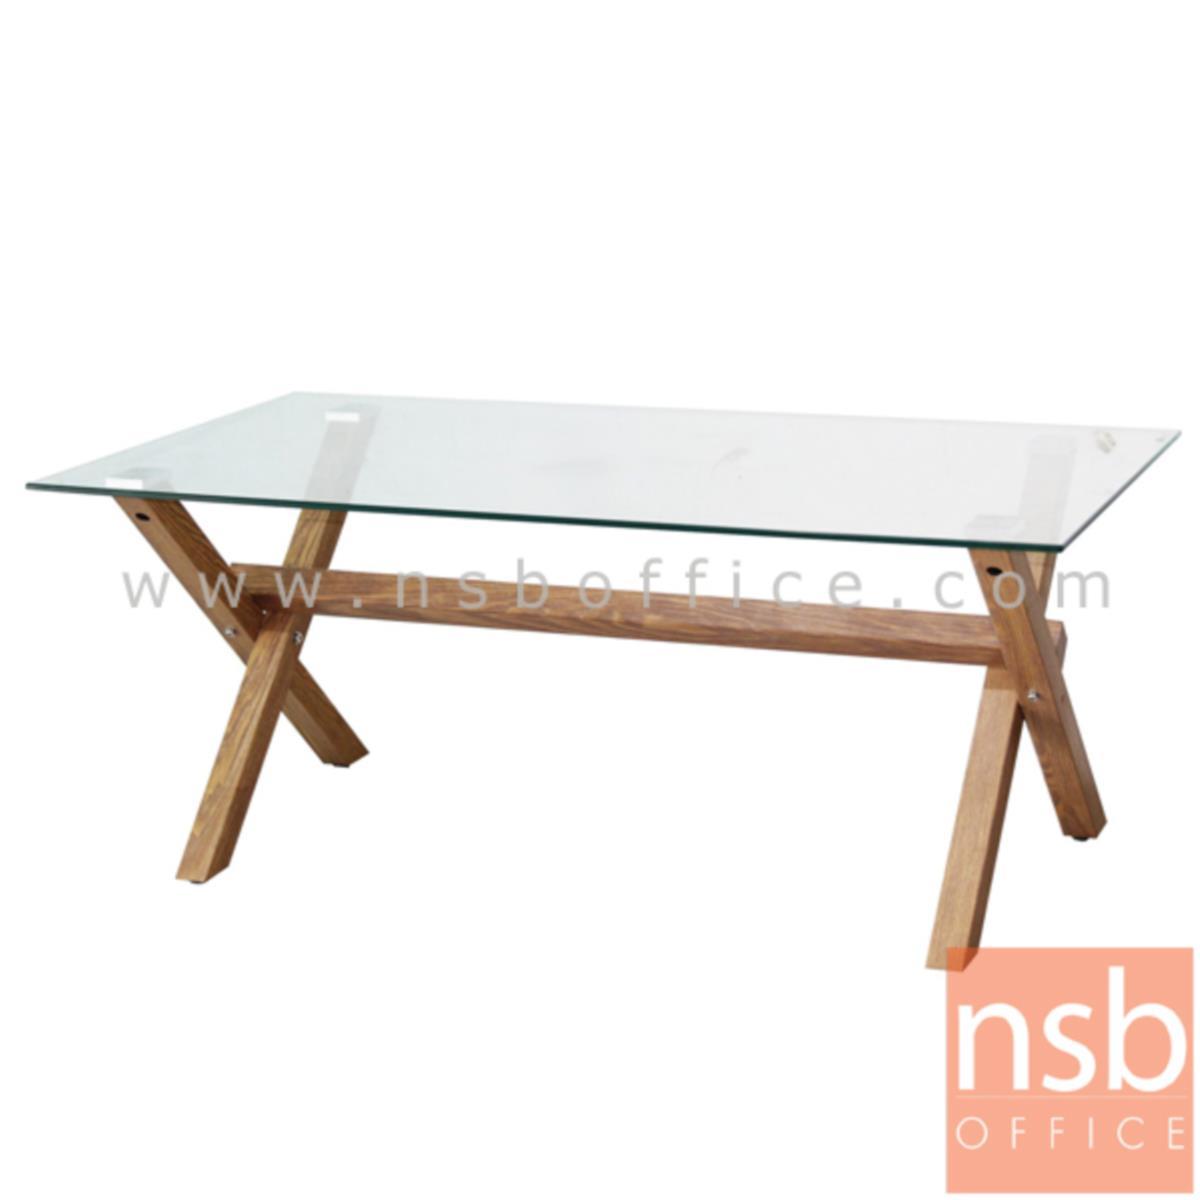 B13A226:โต๊ะกลางกระจก รุ่น Tube (ทูป) ขนาด 110W cm. โครงเหล็กปิดผิวกระดาษลายไม้